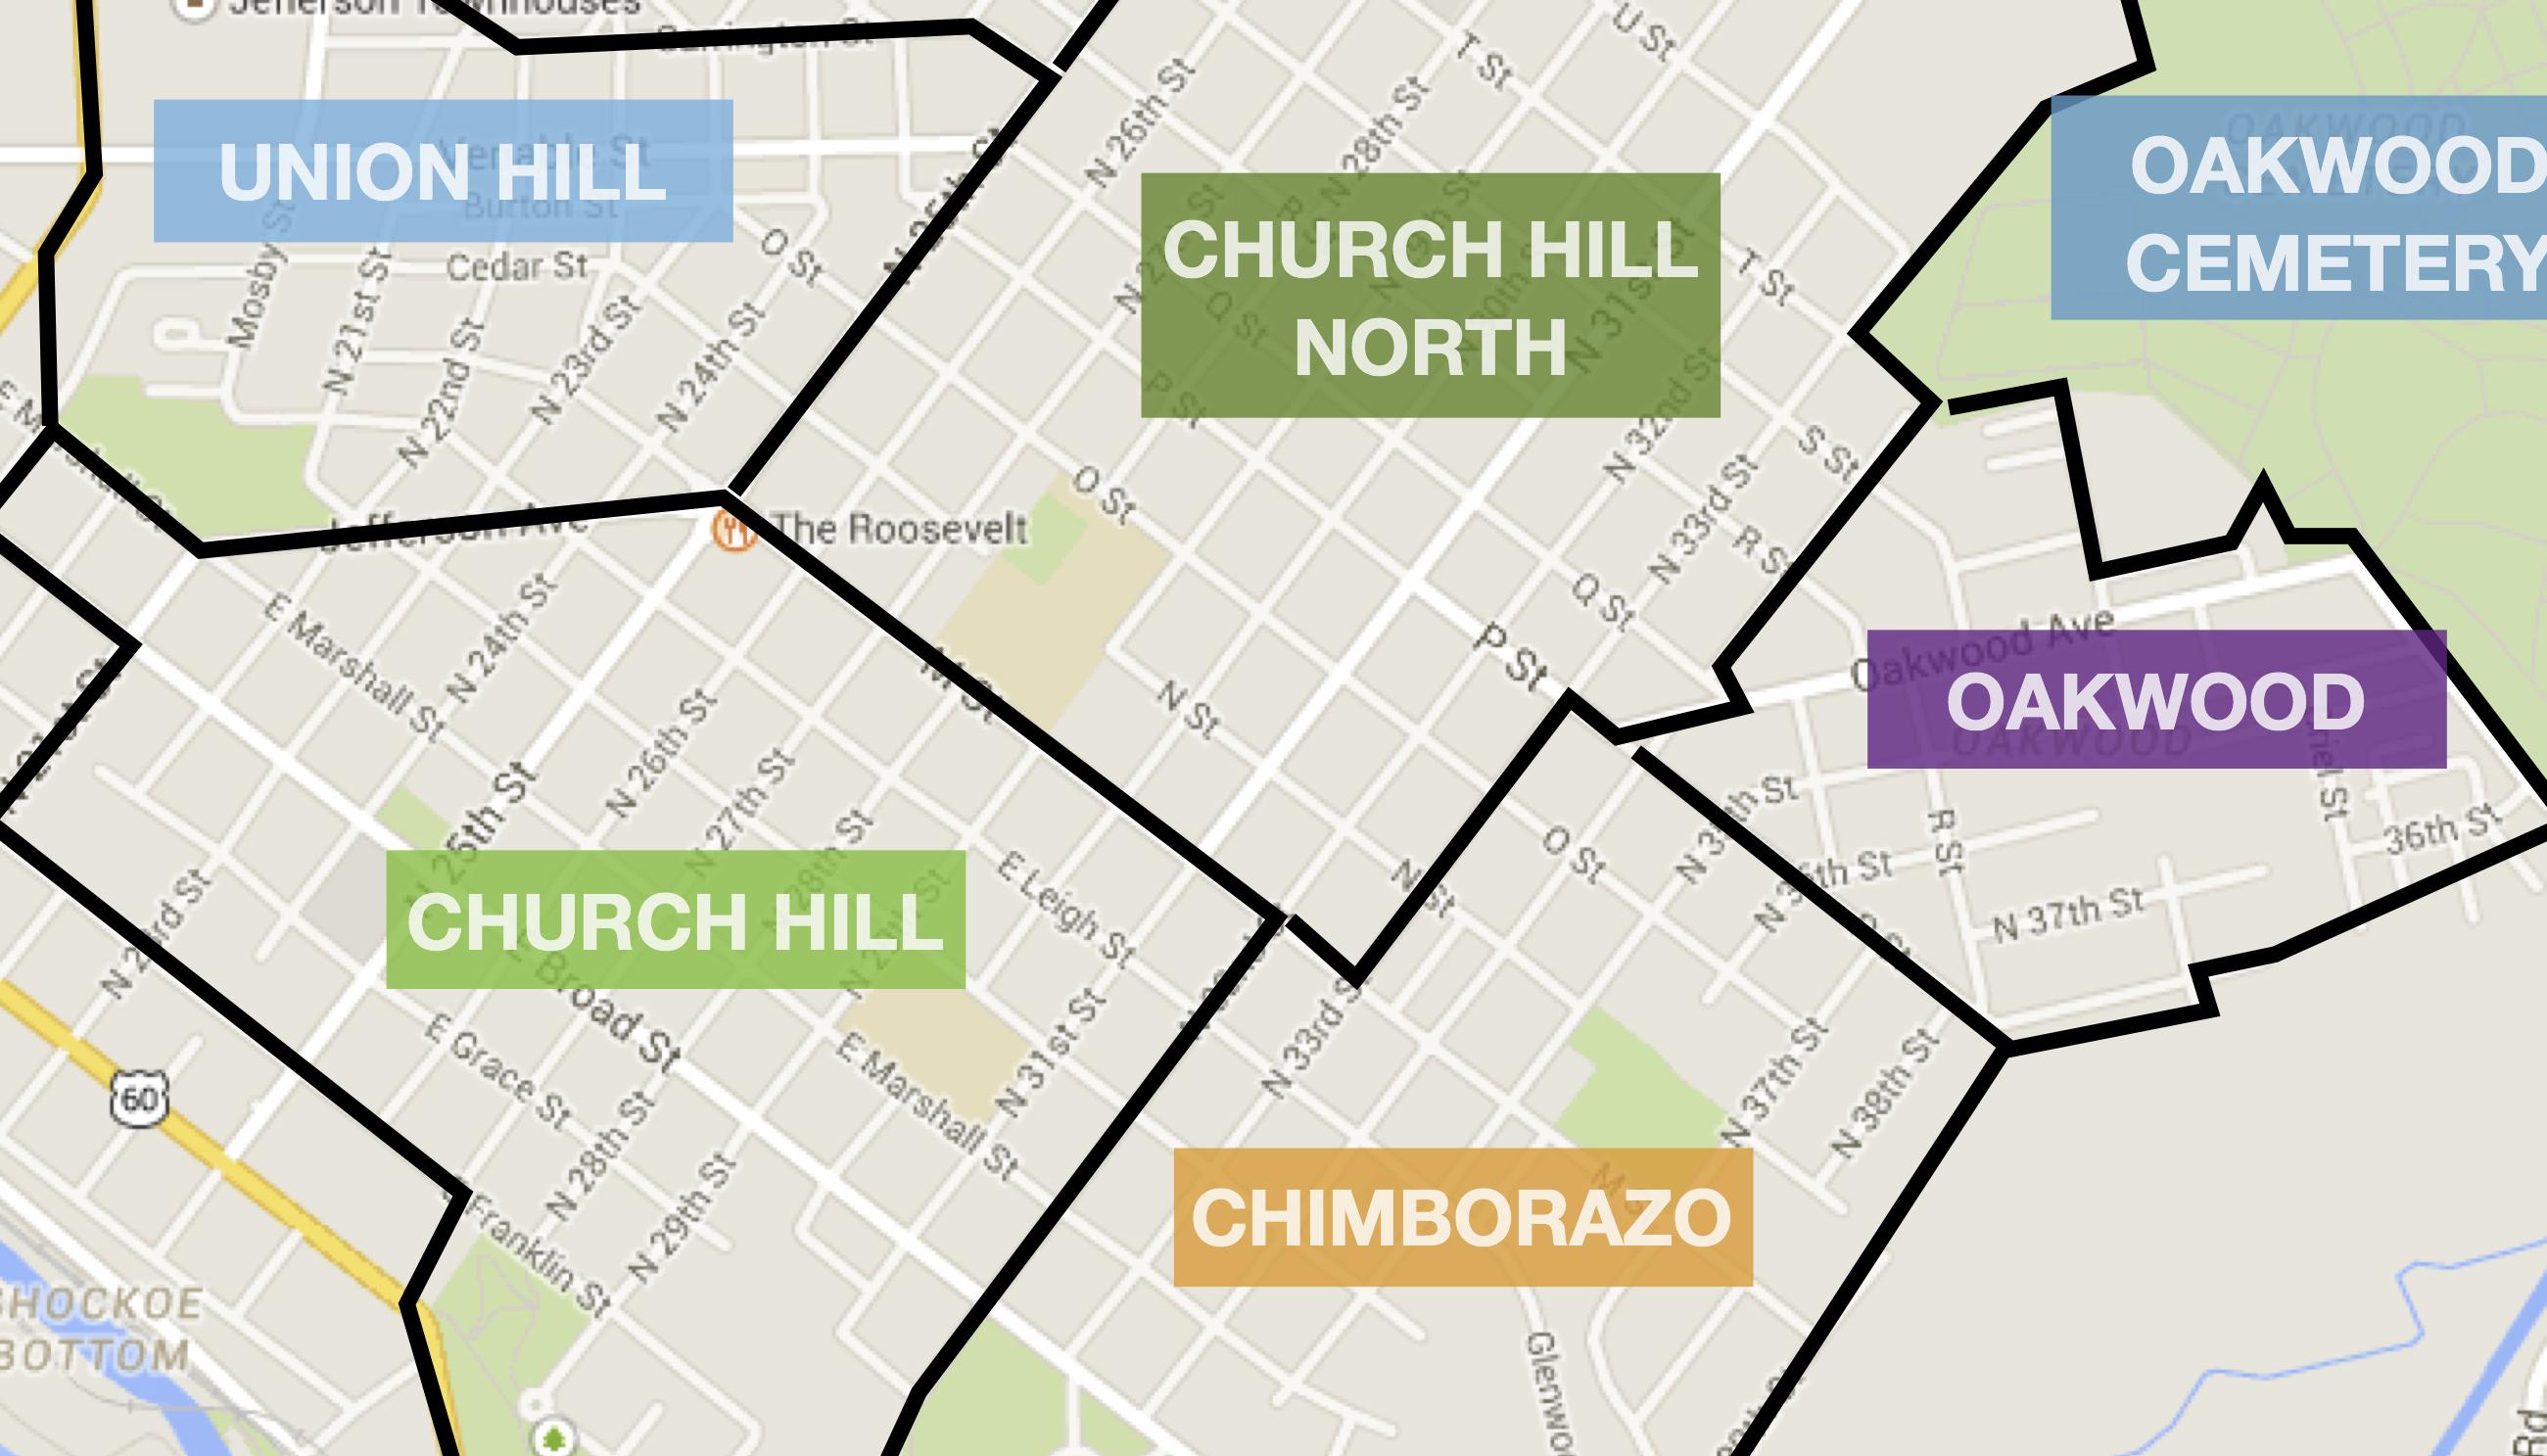 Map Of Richmonds East End Neighborhoods  Church Hill